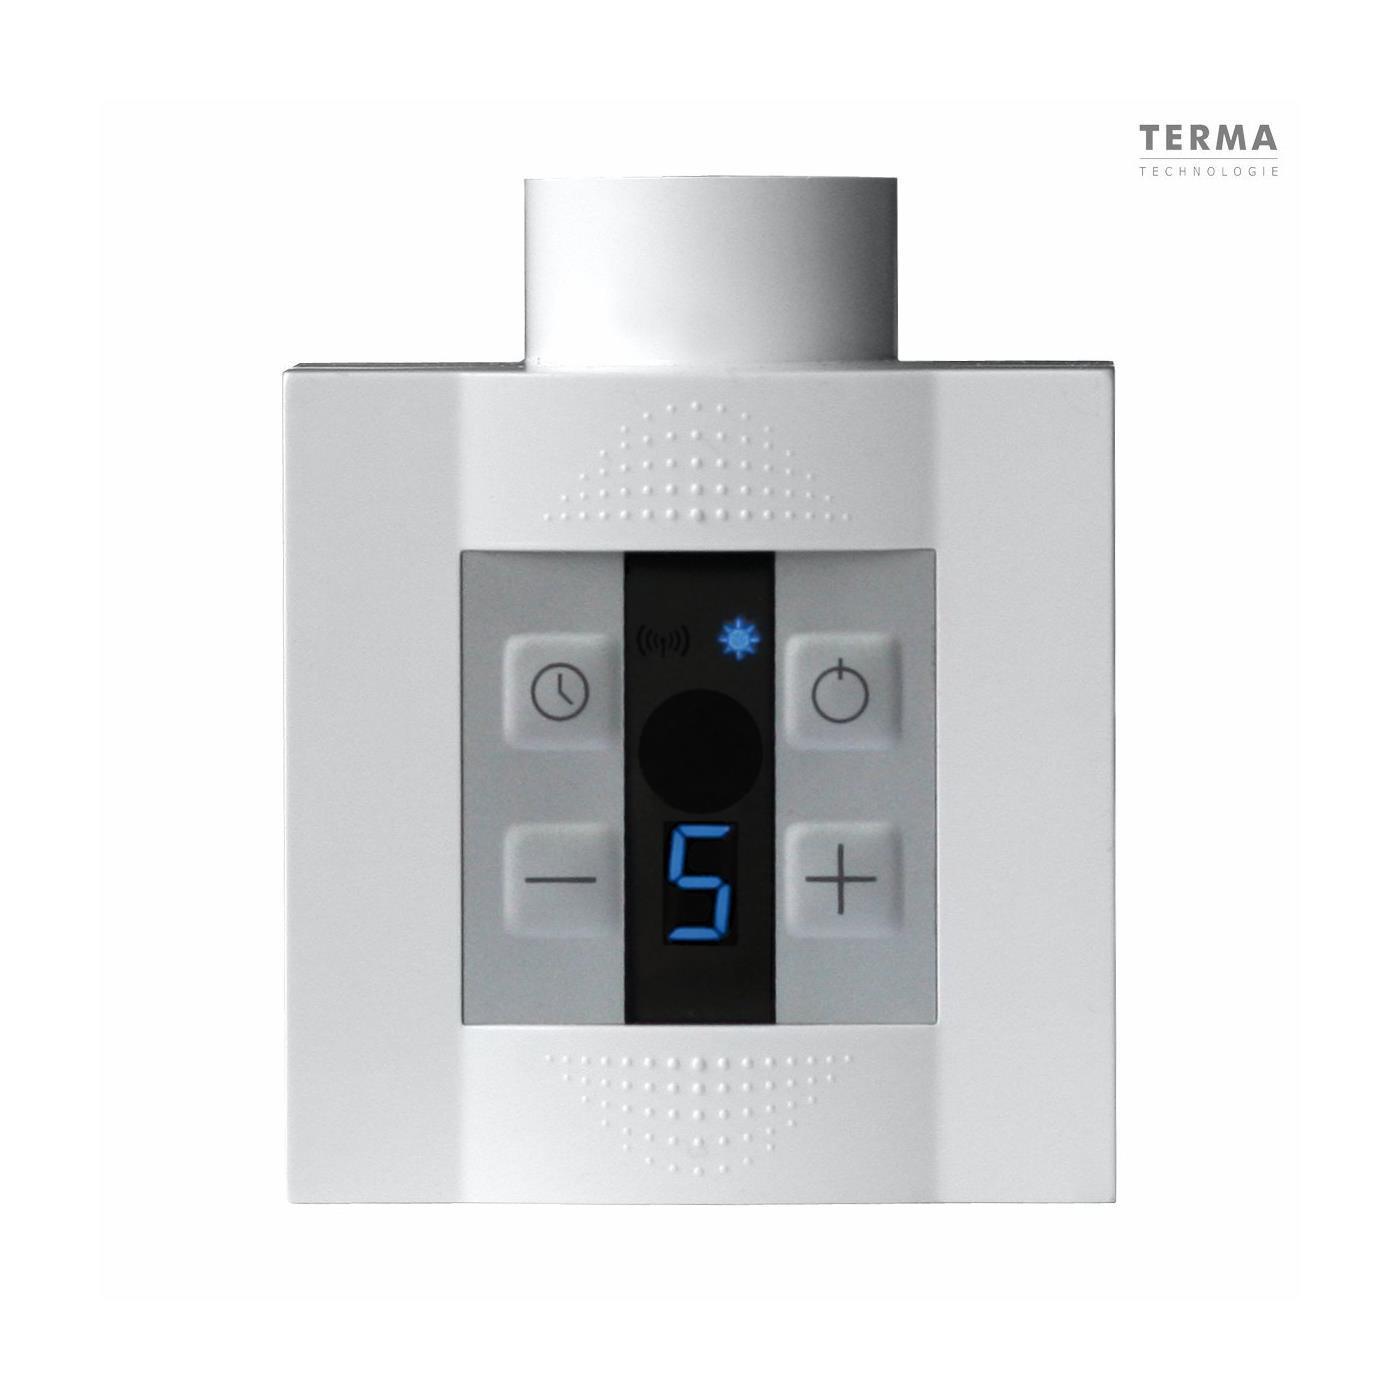 Elettrico cartuccia riscaldamento per radiatore da bagno - Riscaldamento per bagno ...